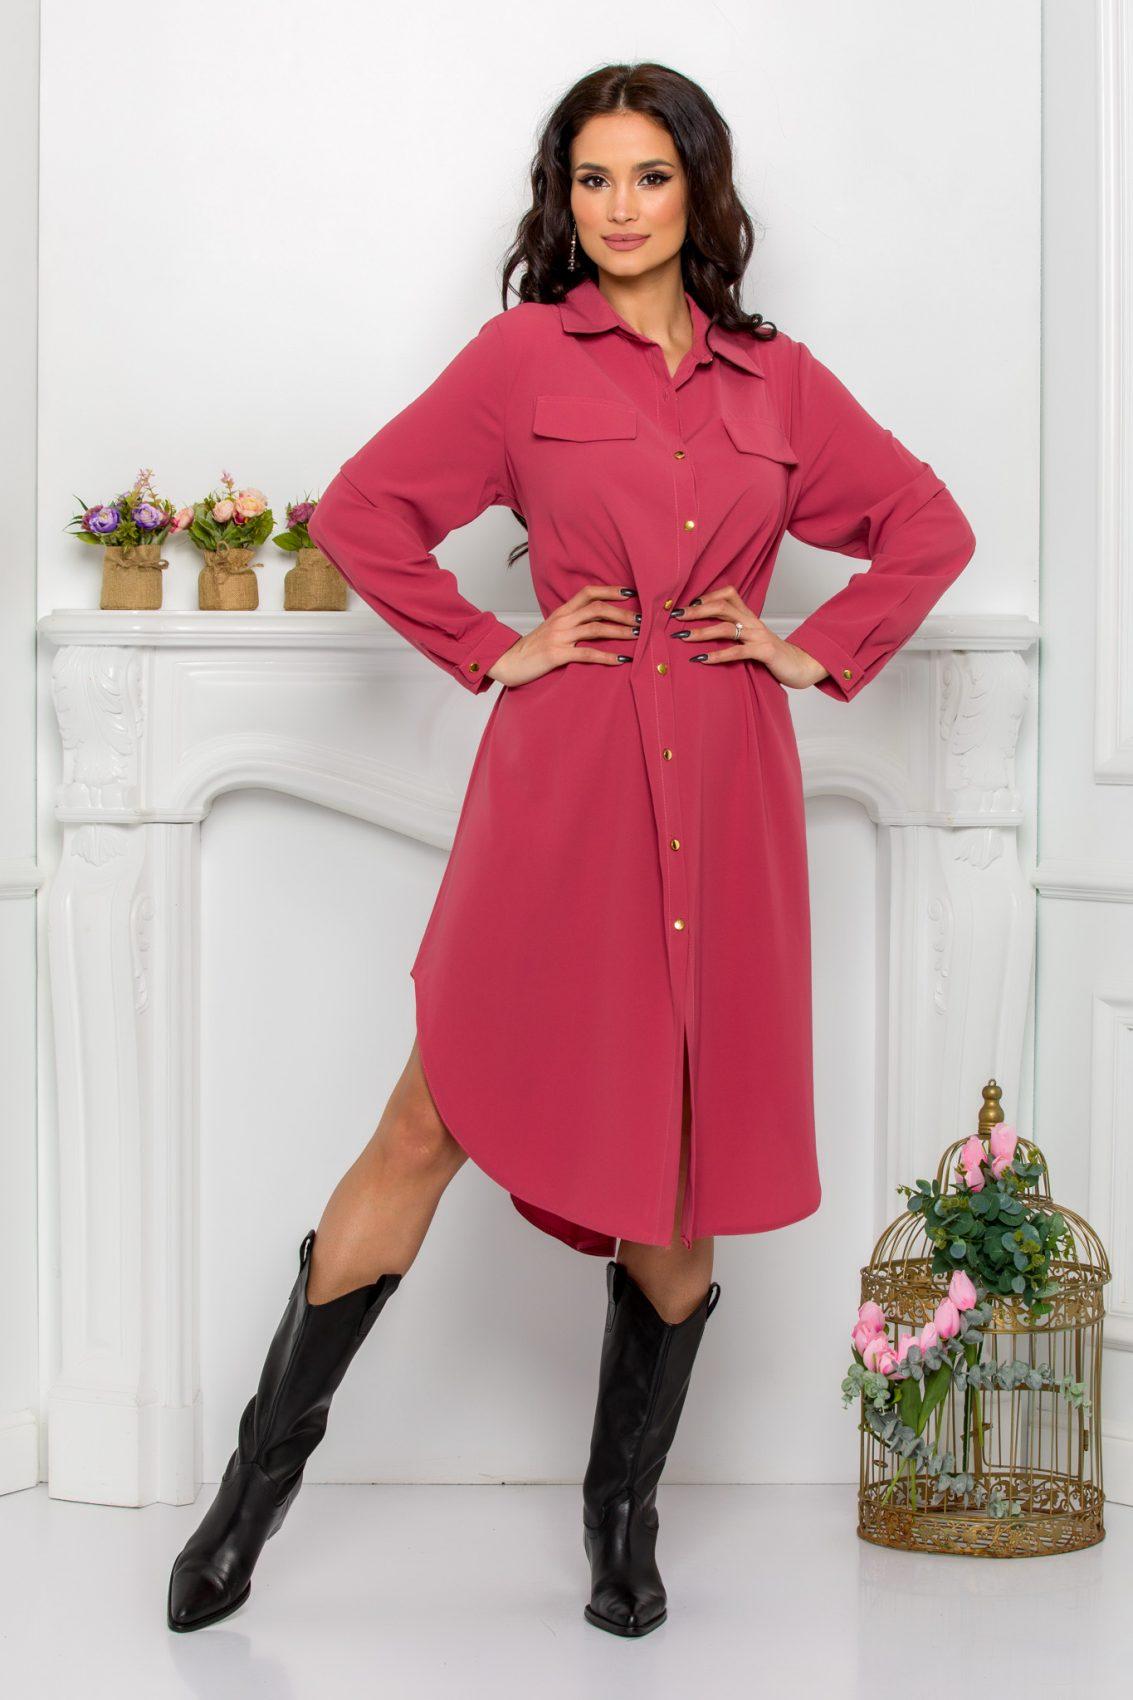 Ροζ Φόρεμα Πουκάμισο Μεγάλα Μεγέθη Kandy 9527 1